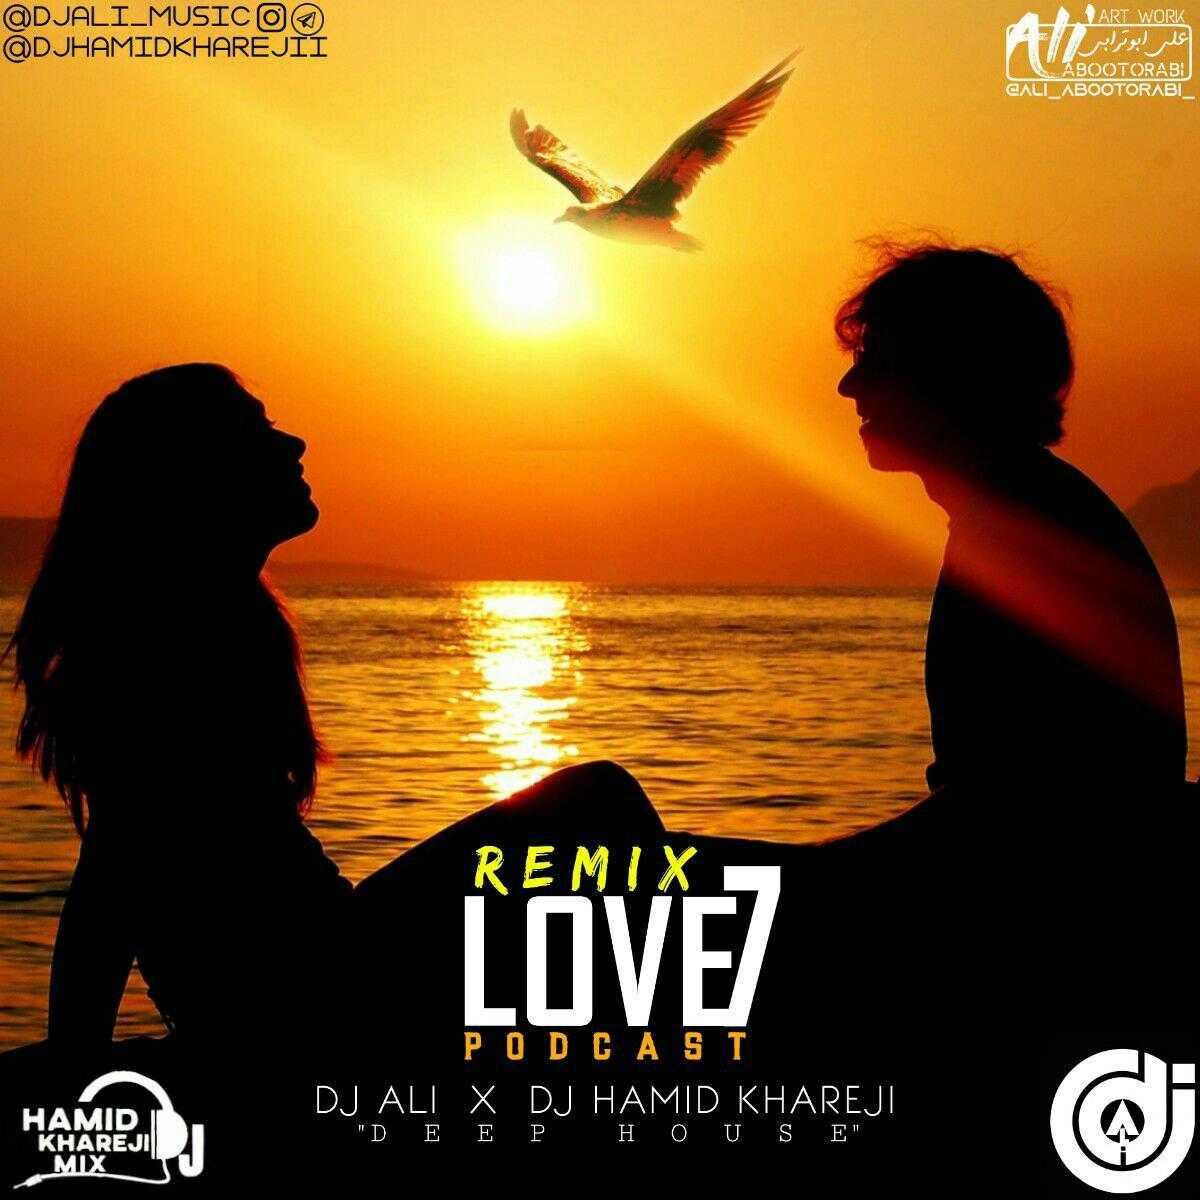 دانلود ریمیکس جدیددی جی حمید خارجیودی جی علی به نام Love 07